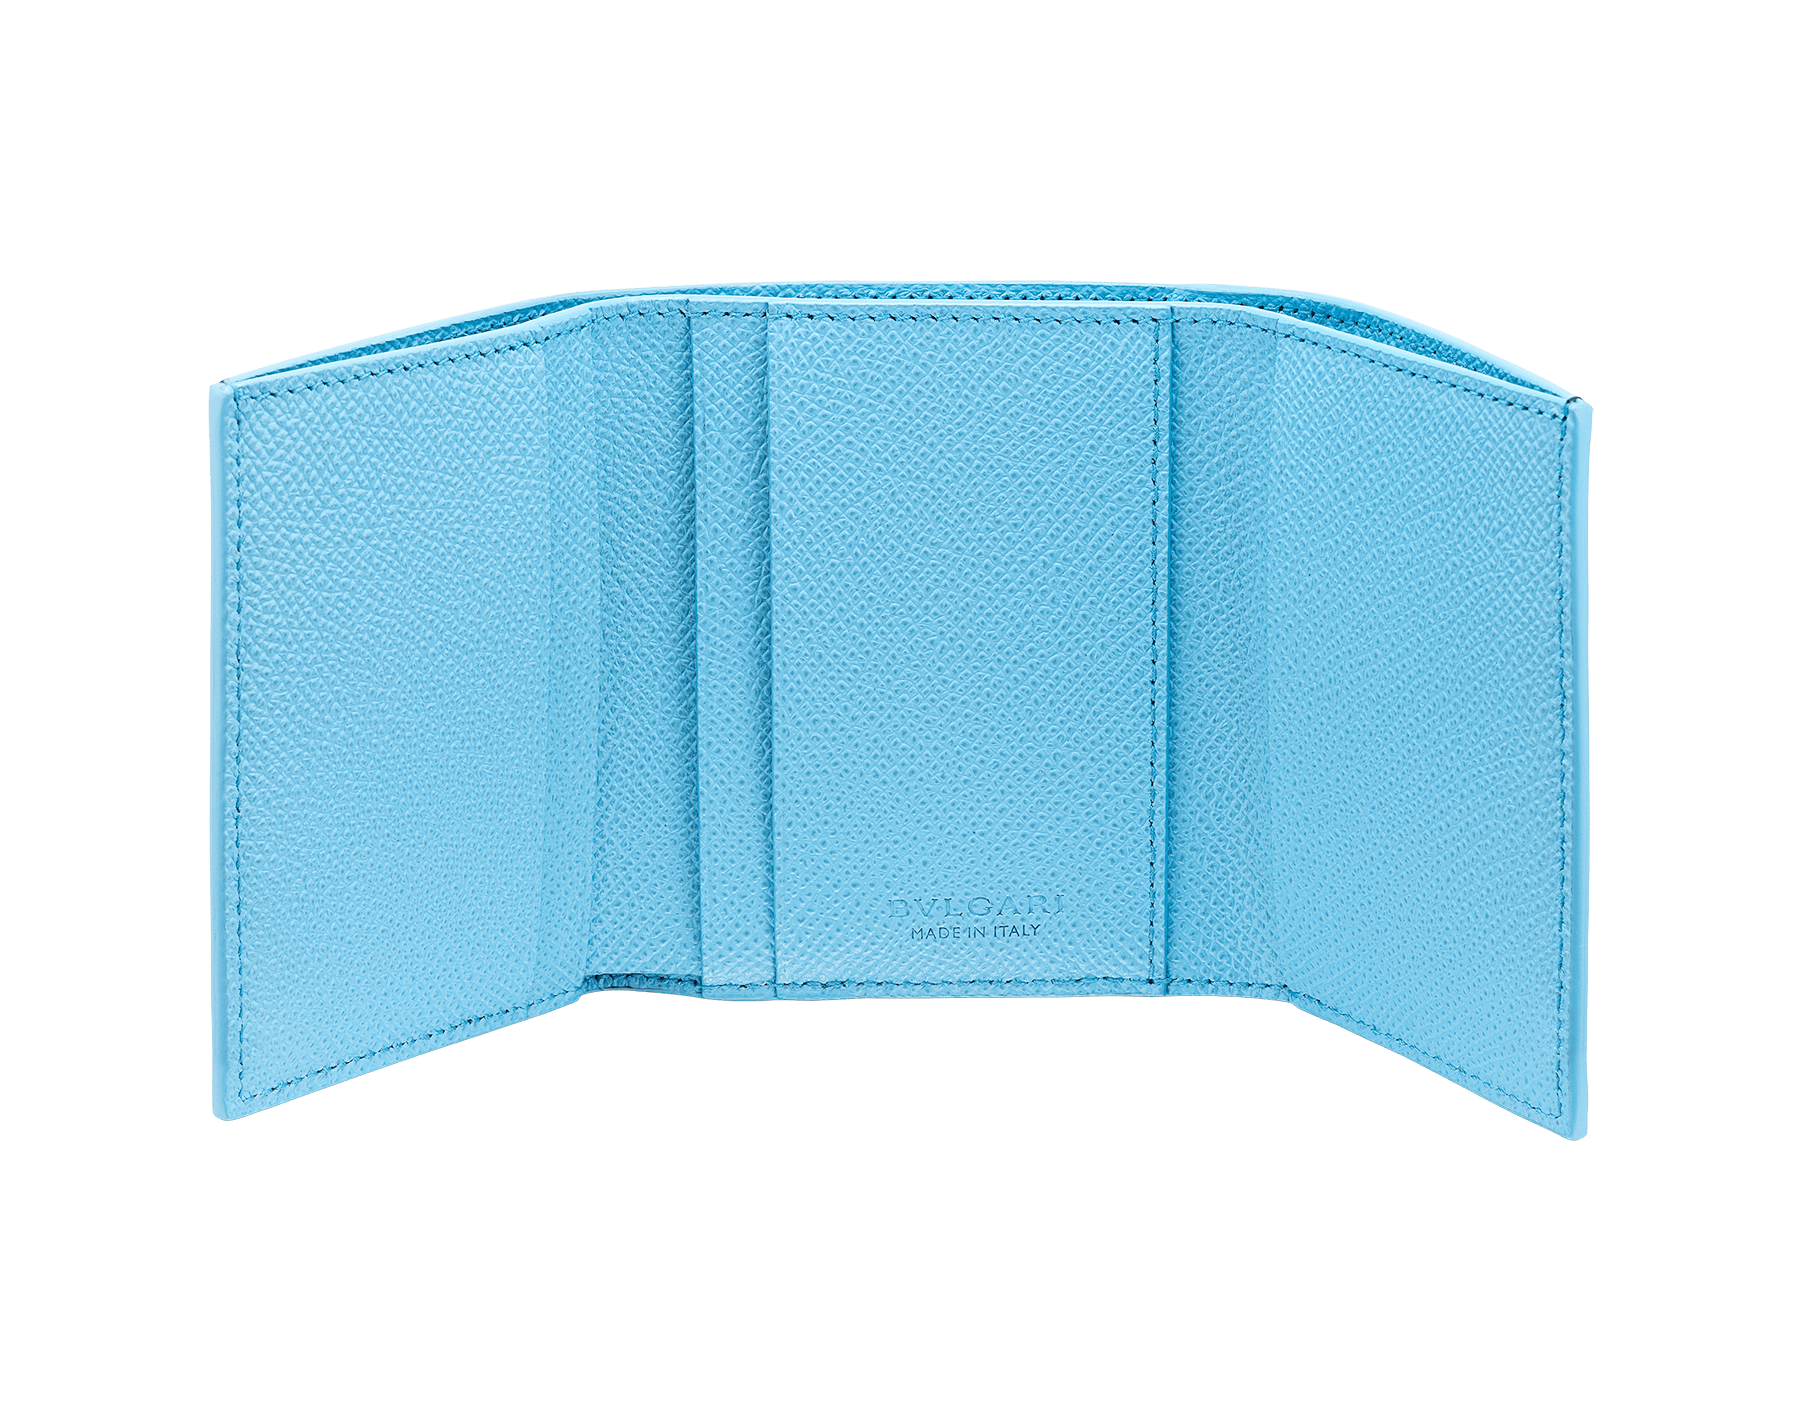 Schmales, kompaktes BVLGARI BVLGARI Portemonnaie aus genarbtem Kalbsleder in Denim Sapphire Blau und Aegean Topaz. Ikonische Verschlussklammer mit Logo aus palladiumbeschichtetem Messing. BCM-SLIMCOMPACTc image 2